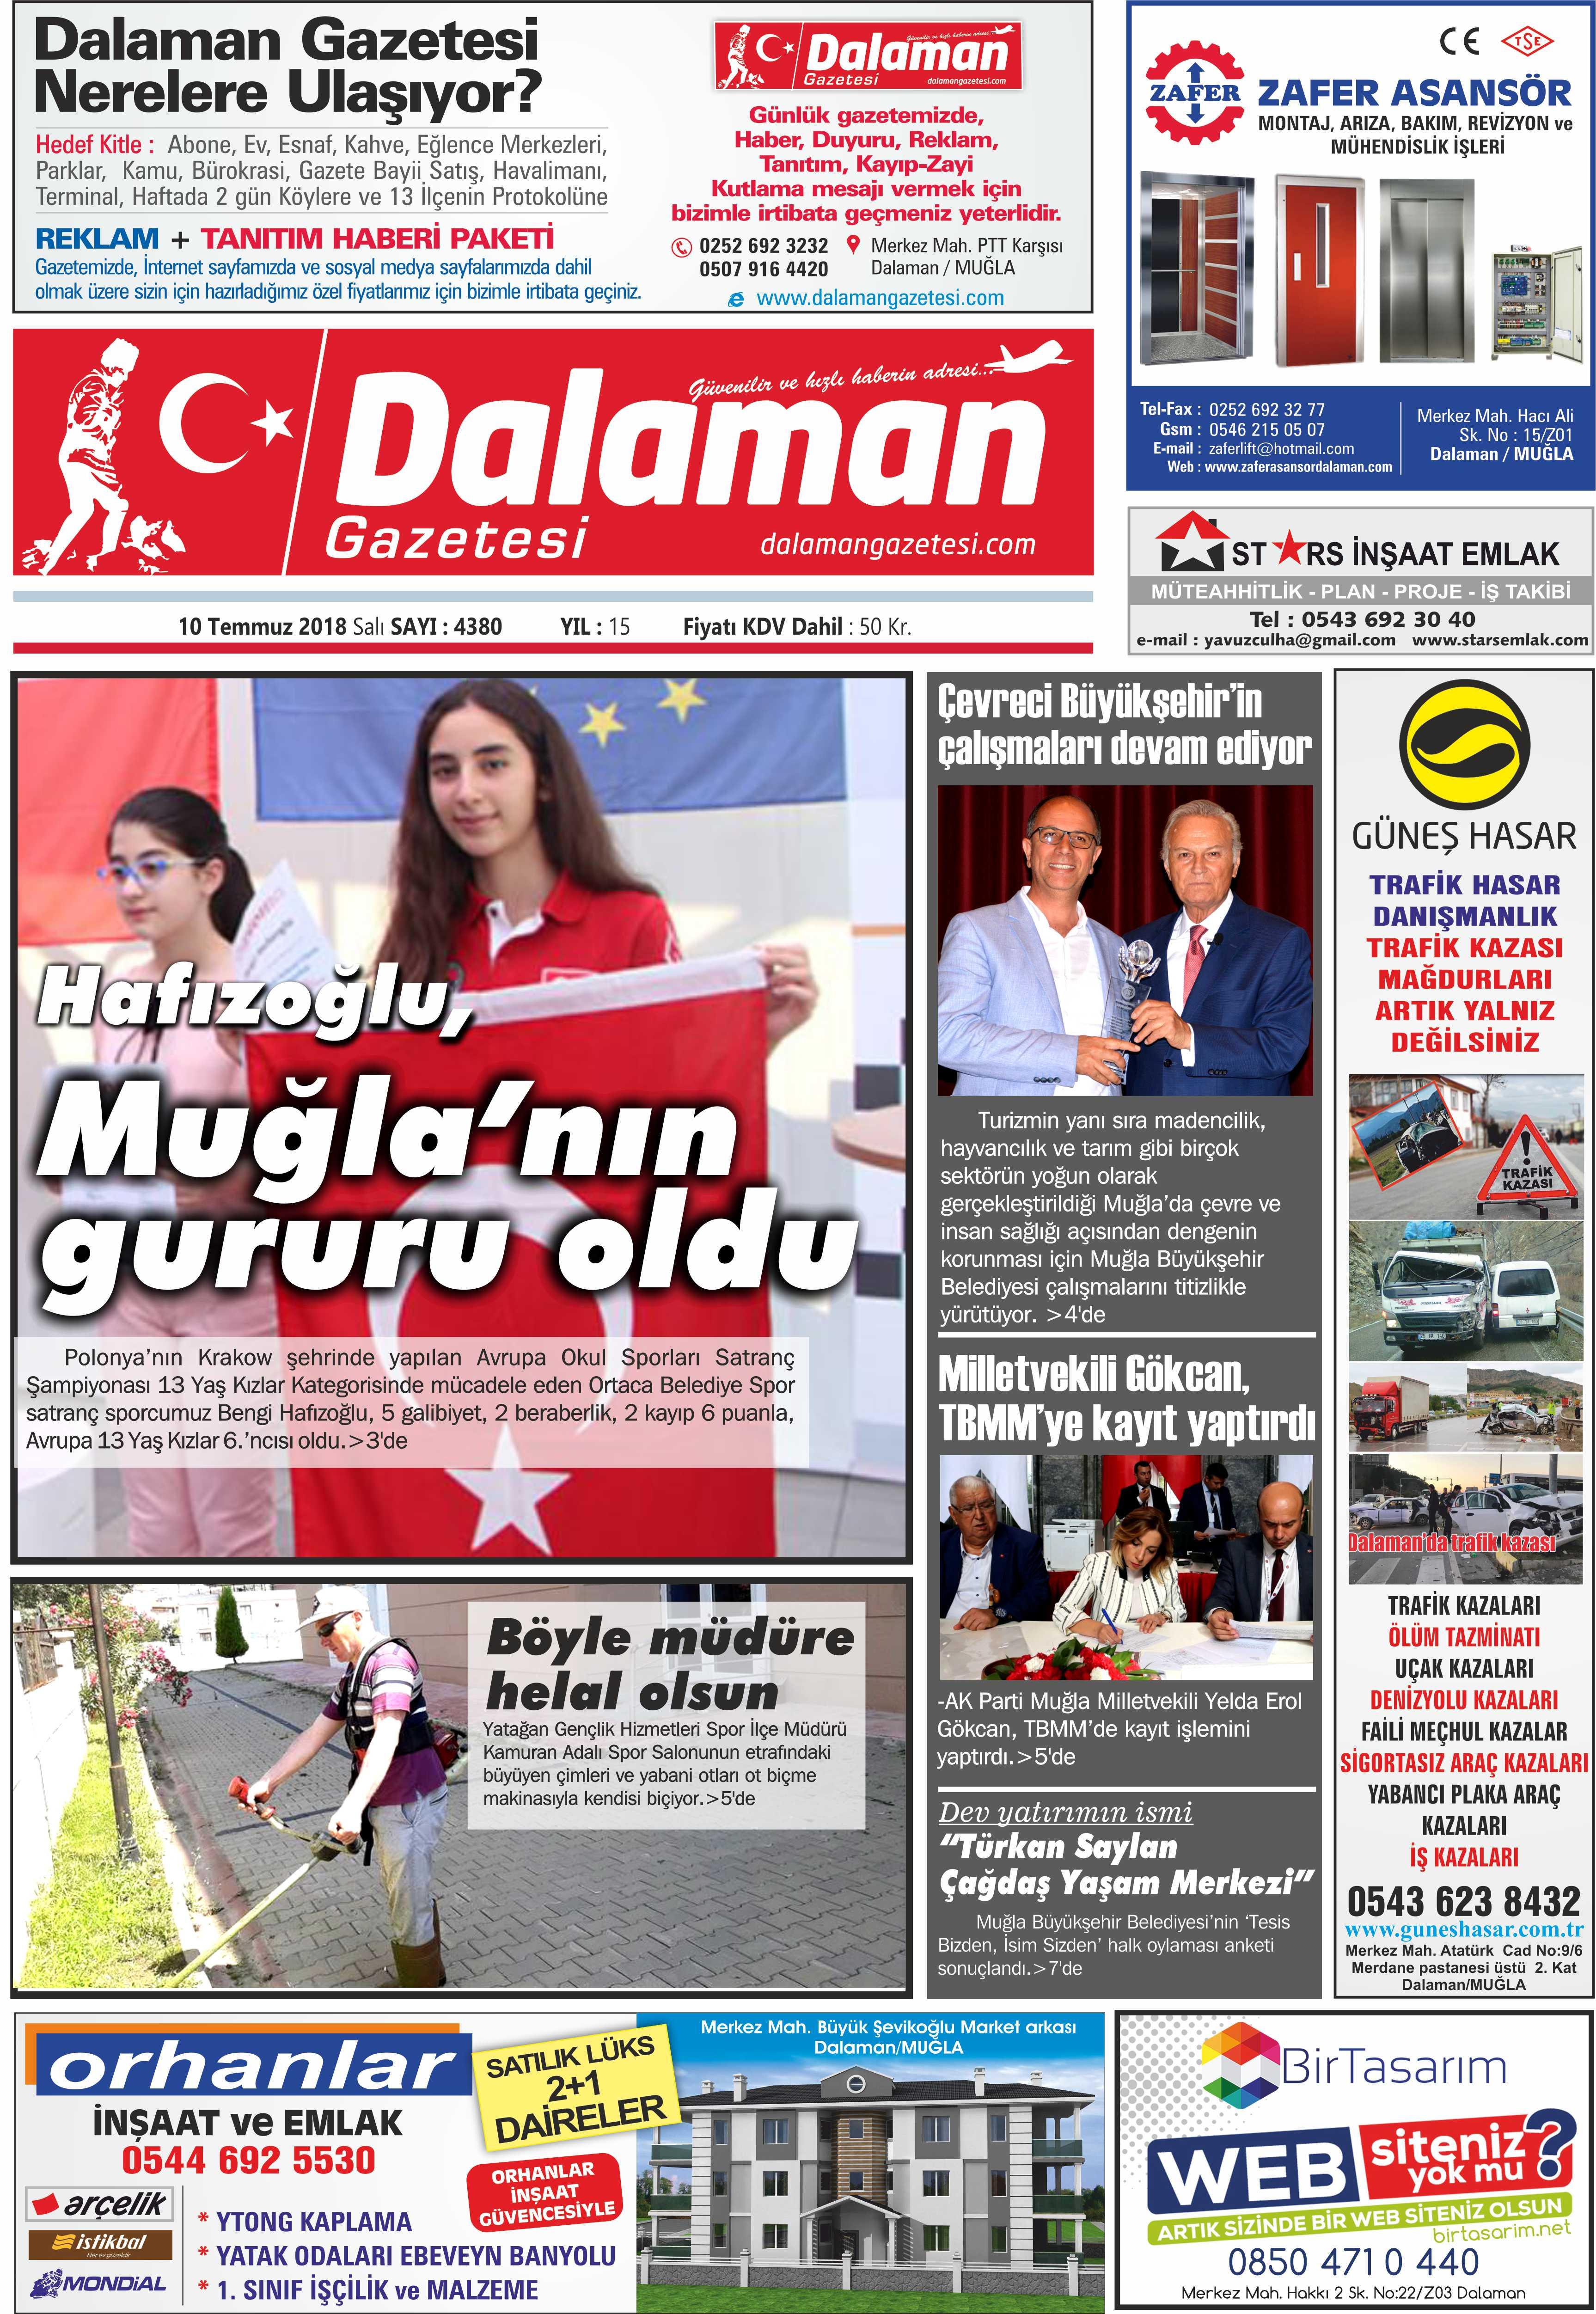 10.07.2018 0 - Dalaman'dan Haber başlıkları